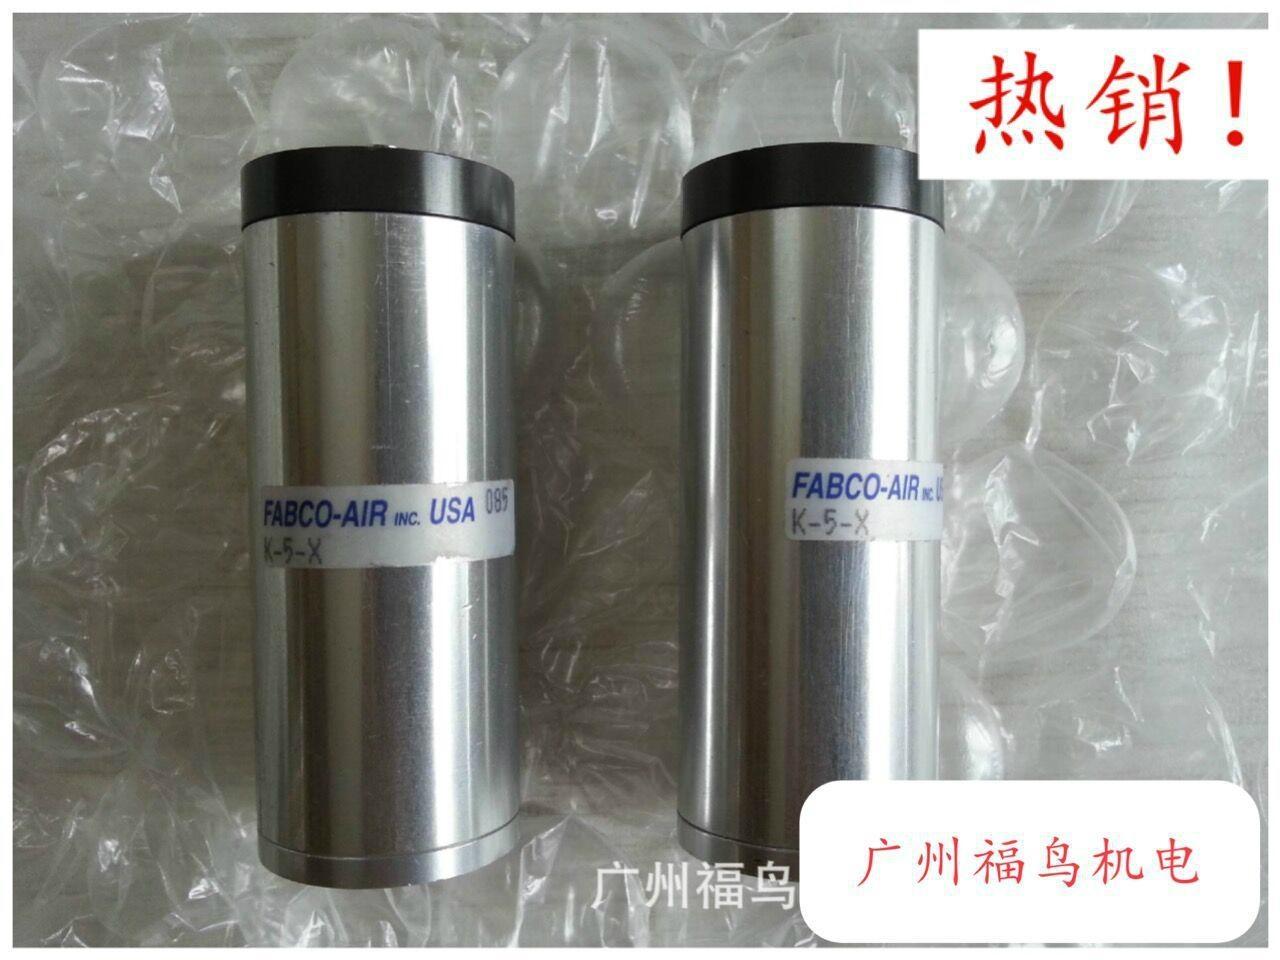 FABCO-AIR氣缸, 型號: K-5-X